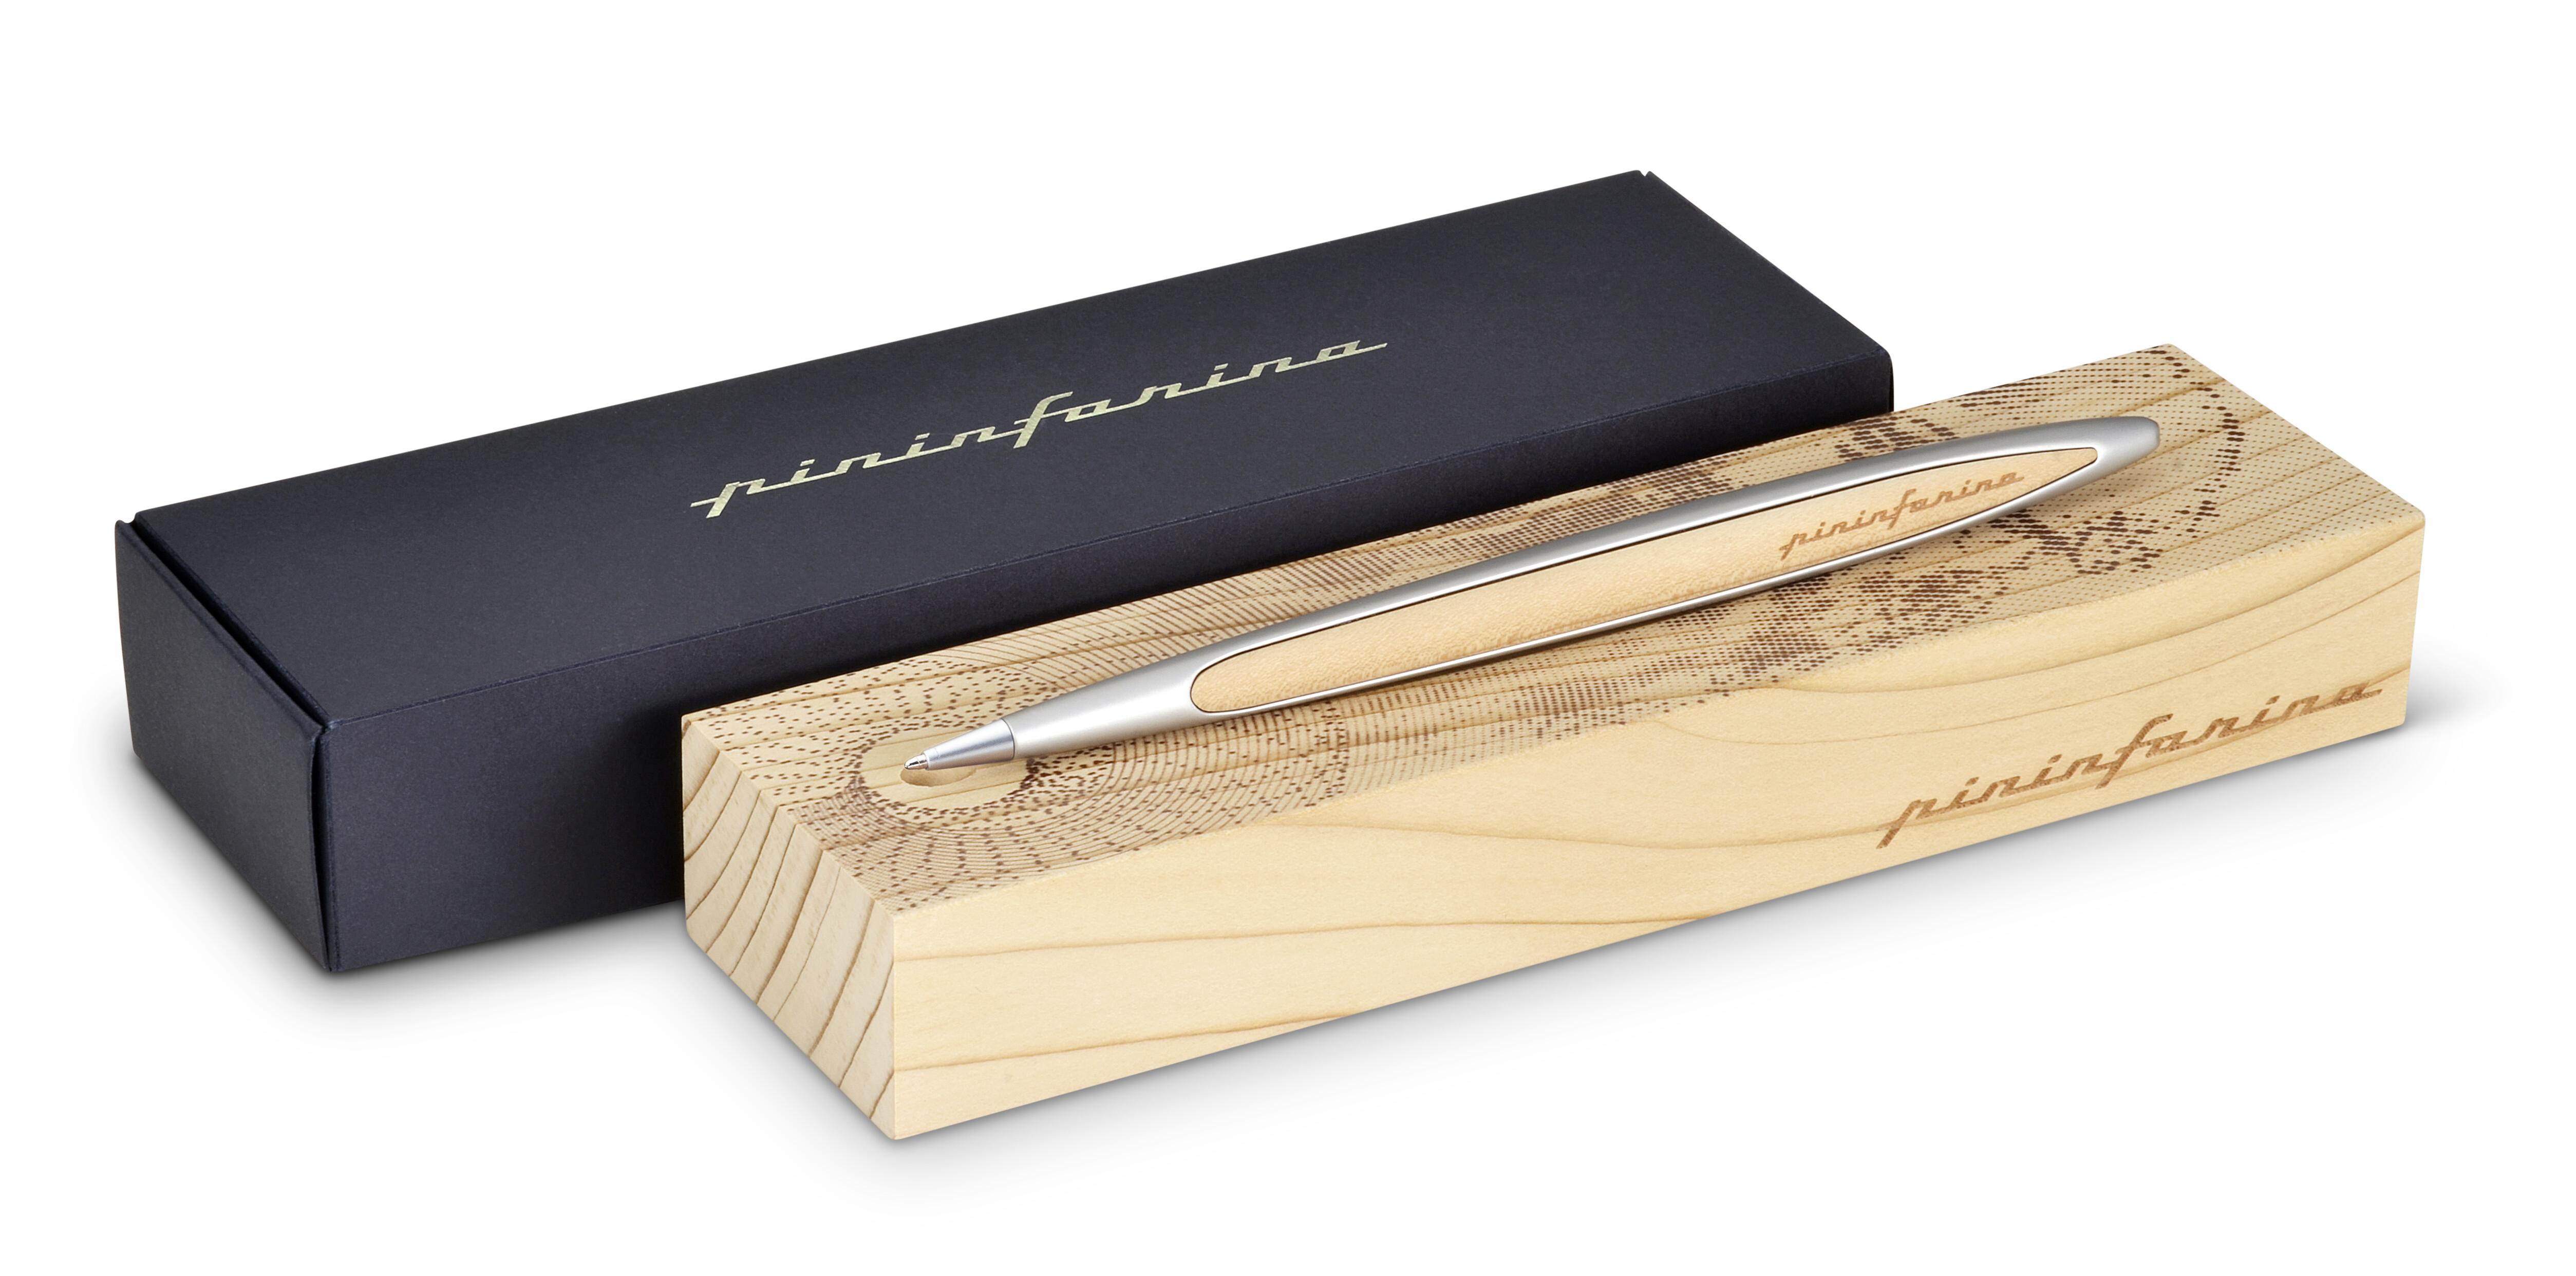 Pinifarina Cambiano Leonardo Drawing, 500th Limited, Cedarwood, Ballpoint 01